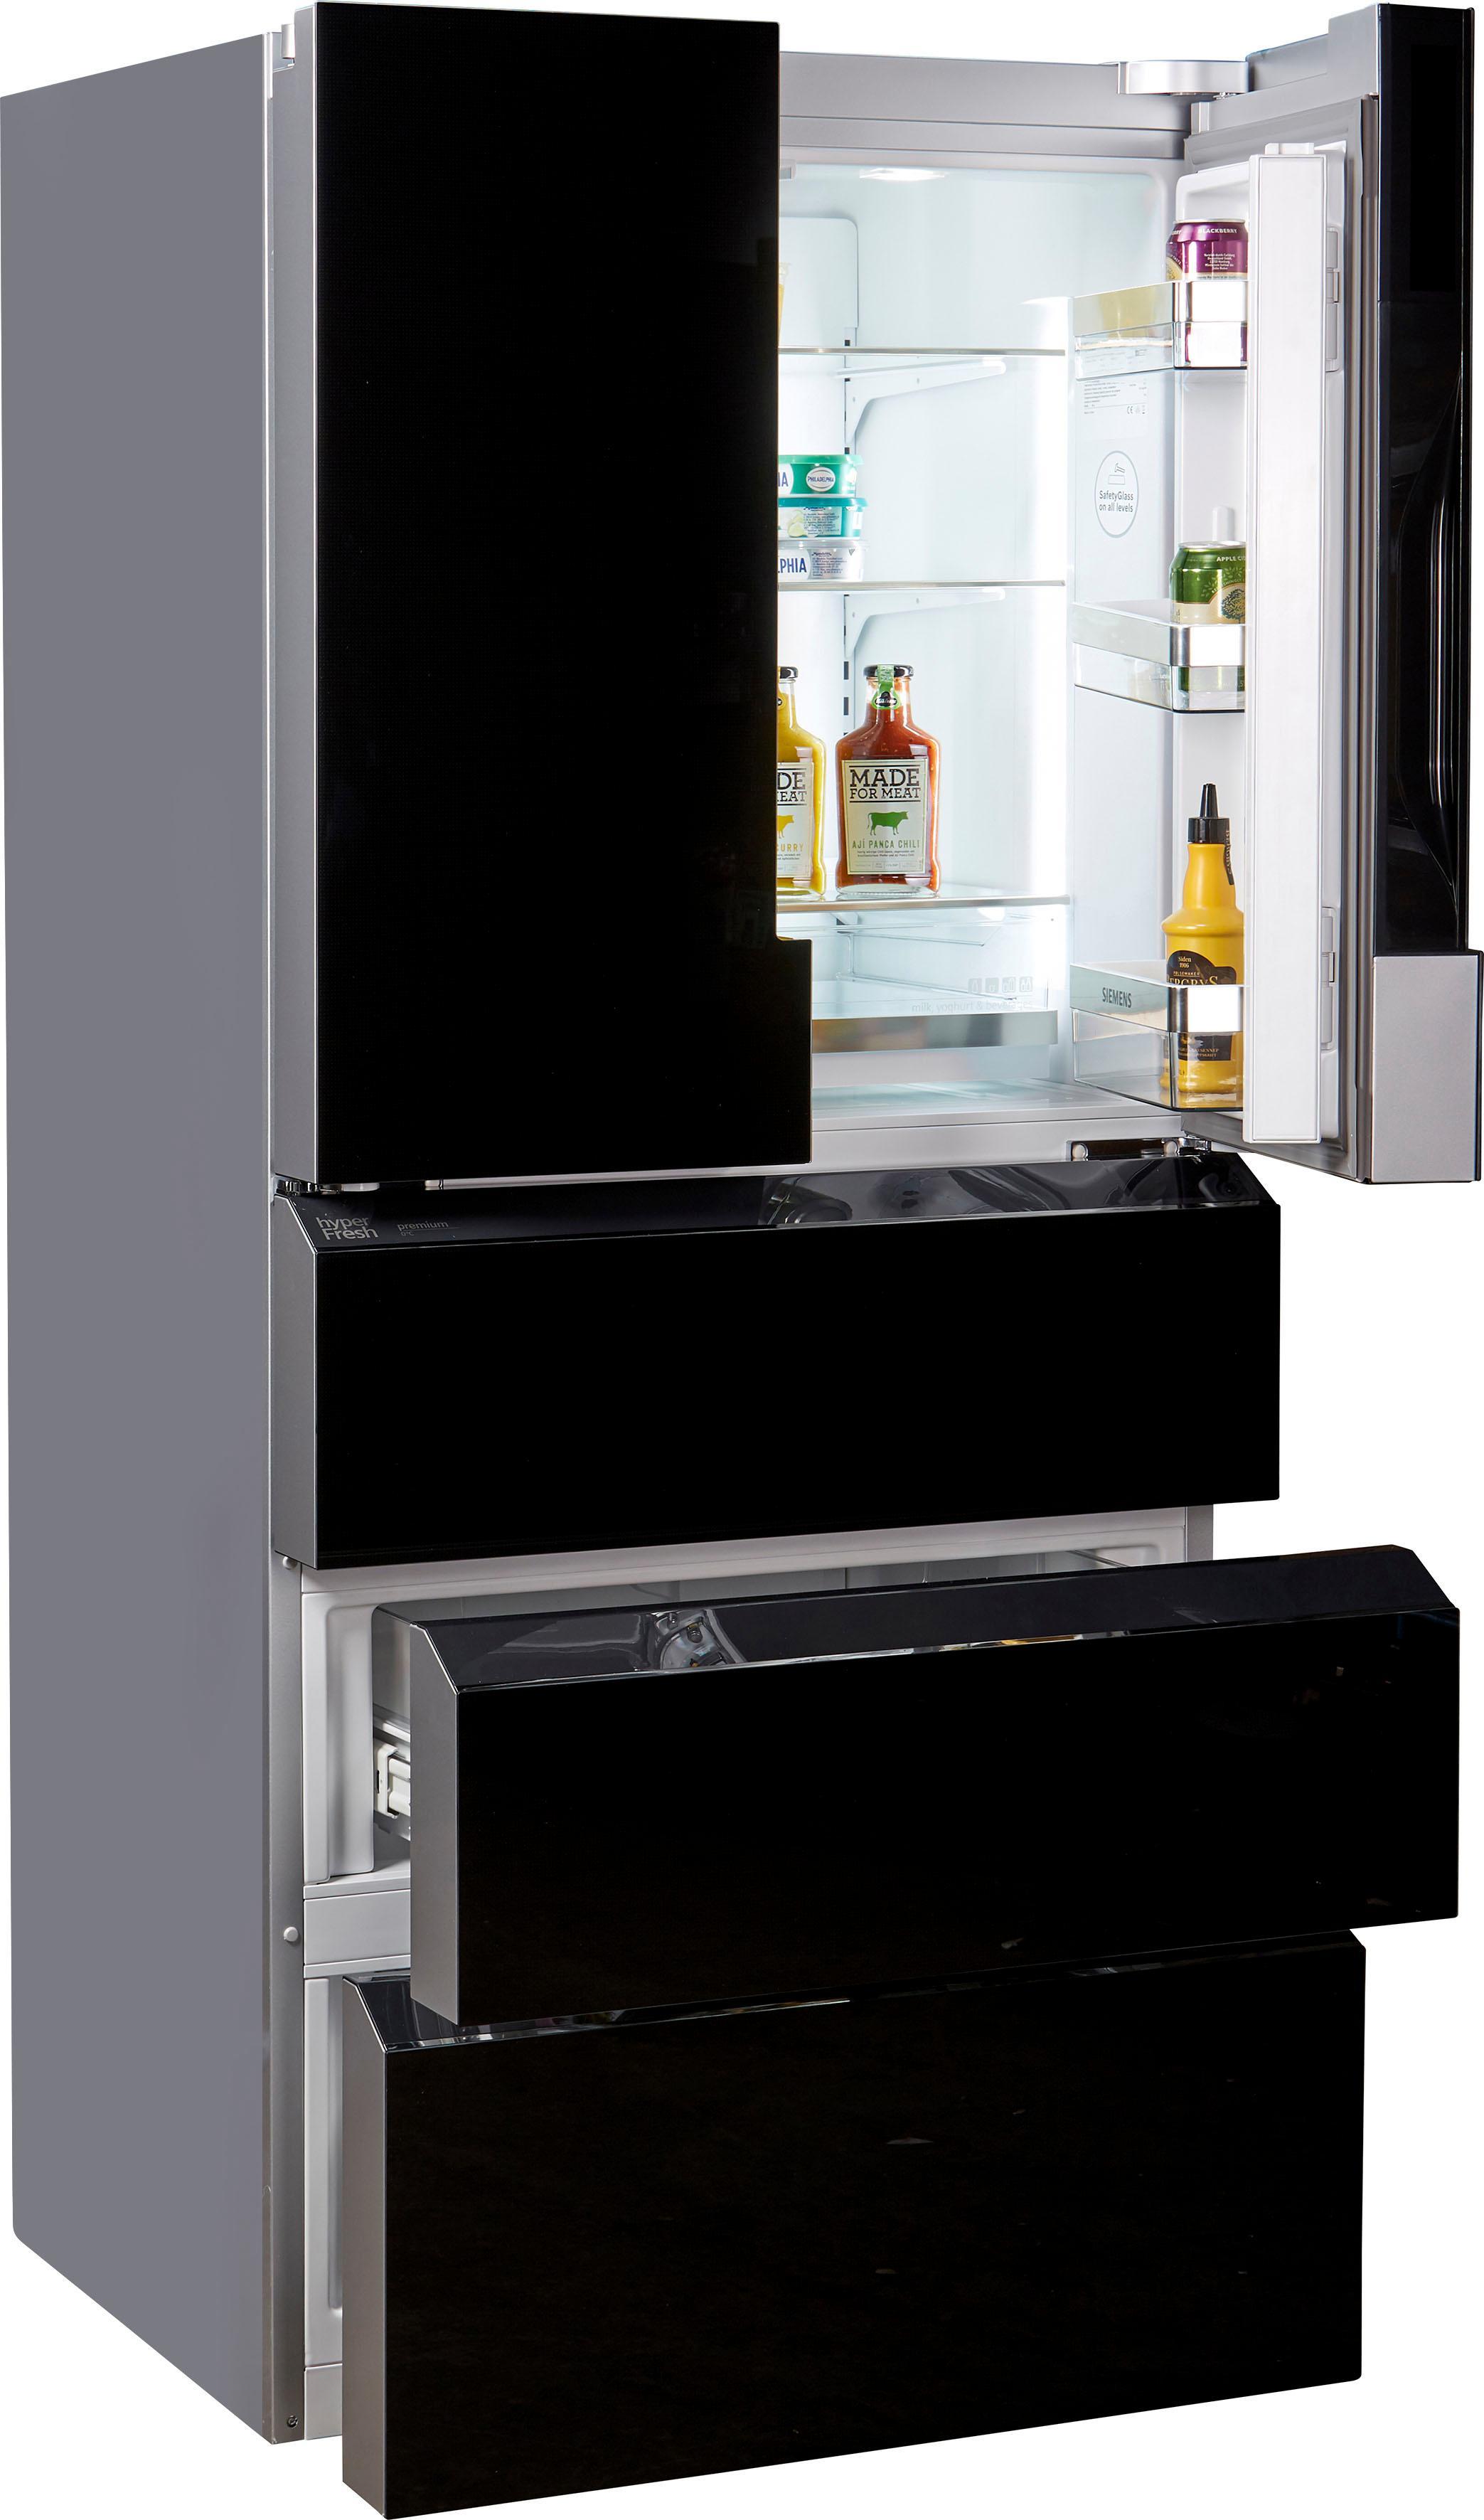 SIEMENS French Door Kühlschrank iQ700, 183 cm hoch, 81 cm breit | BAUR